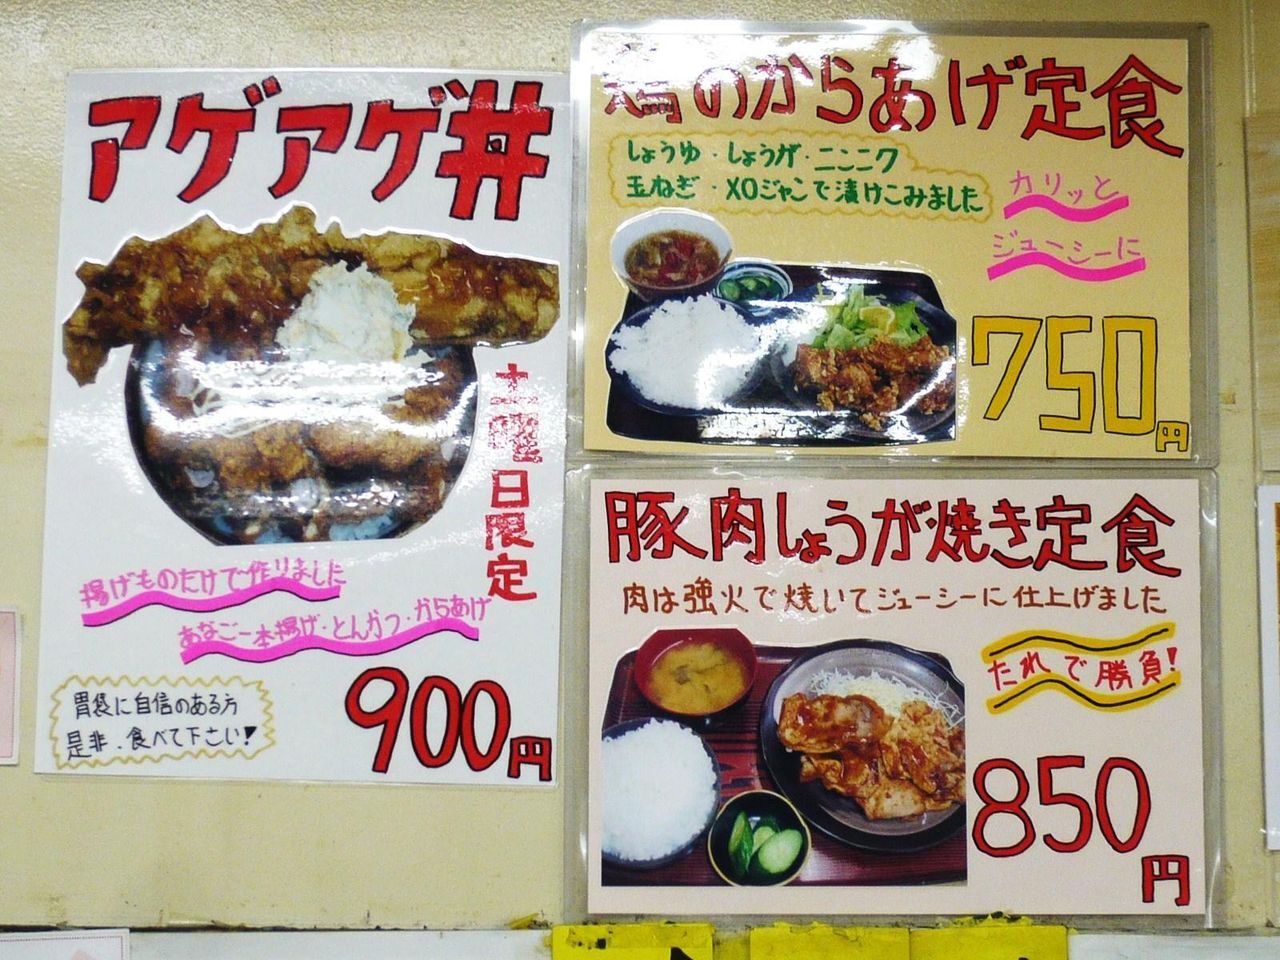 竹家食堂のメニュー(23年2月現在)